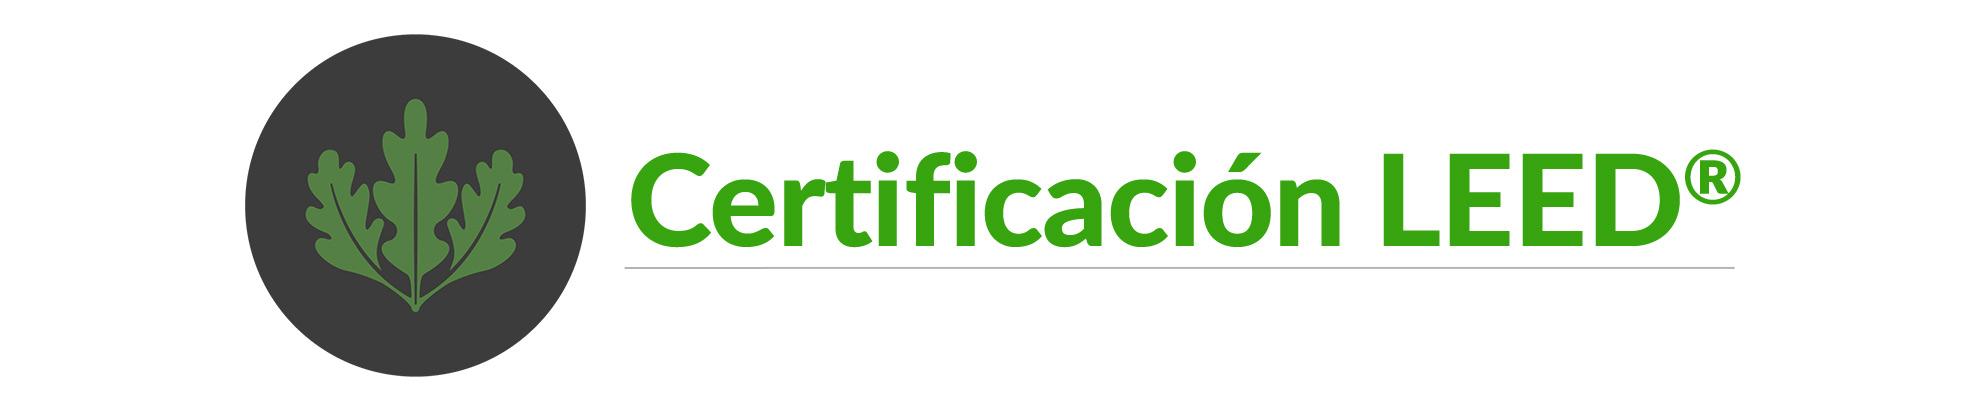 Certificación LEED, LEED México, Edificio sustentable, Sustentabilidad, Edificios verde, LEED Certification LEED Mexico Sustainable building Sustainability Green building